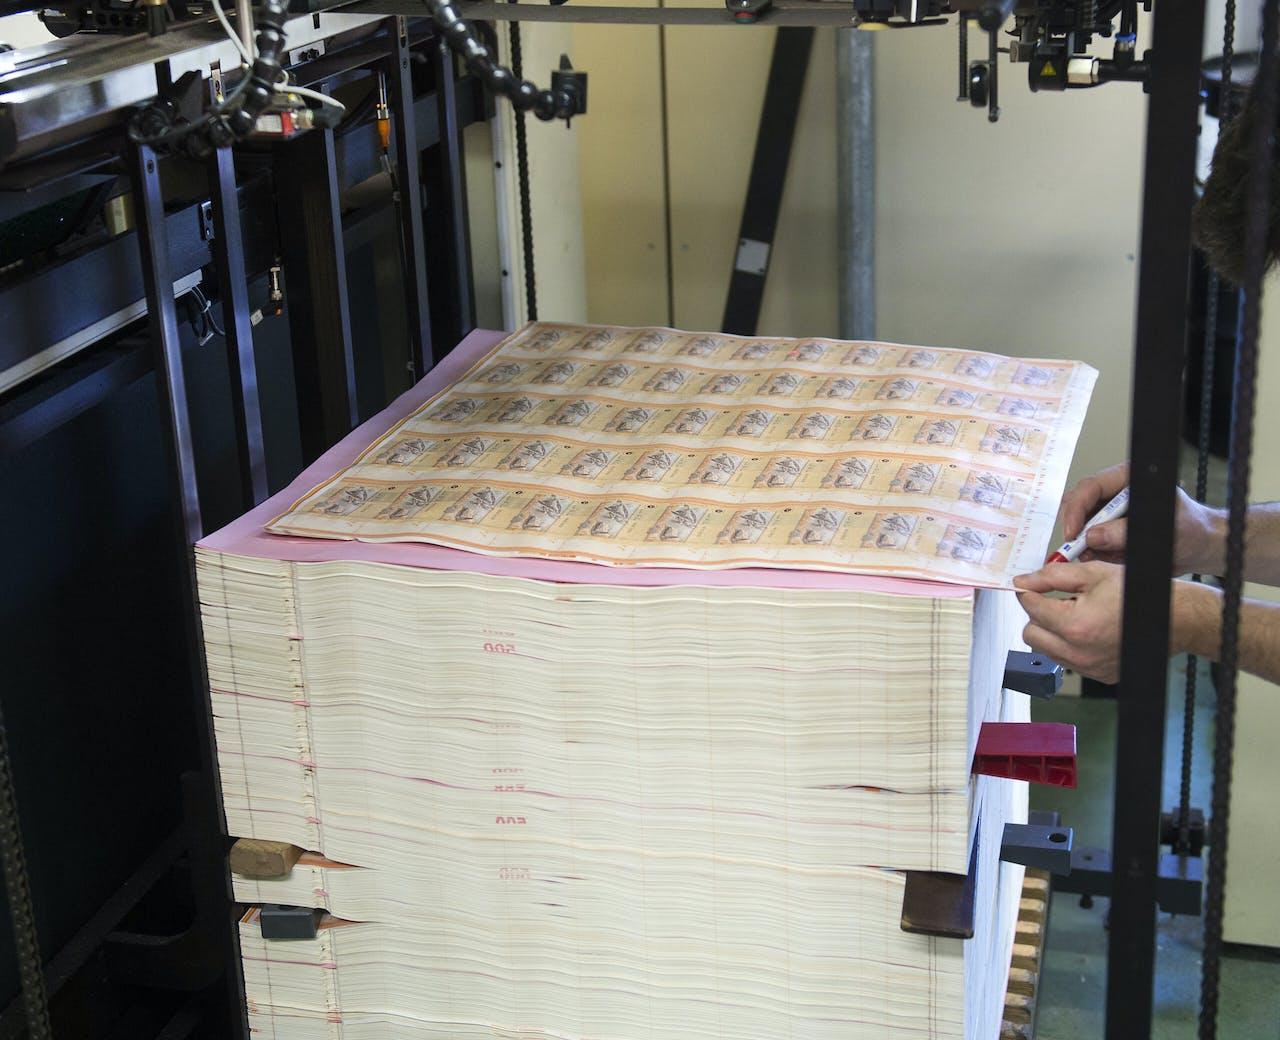 Haarlem - Het drukken van bankbiljetten bij Joh. Enschede & zn